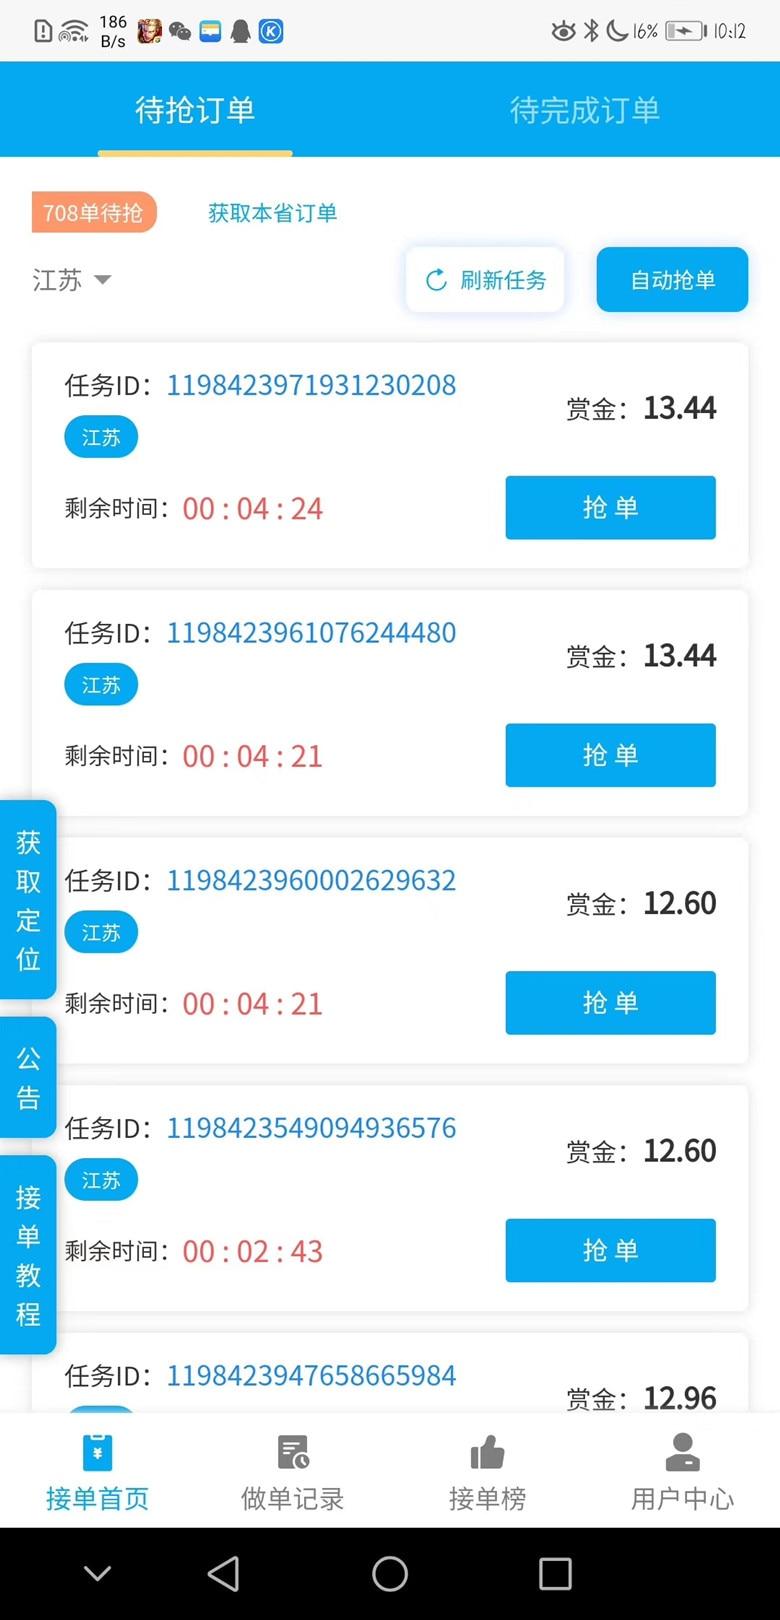 微信辅助接单平台网站,这个必须要知道,轻松日撸百元! 手机赚钱 第1张